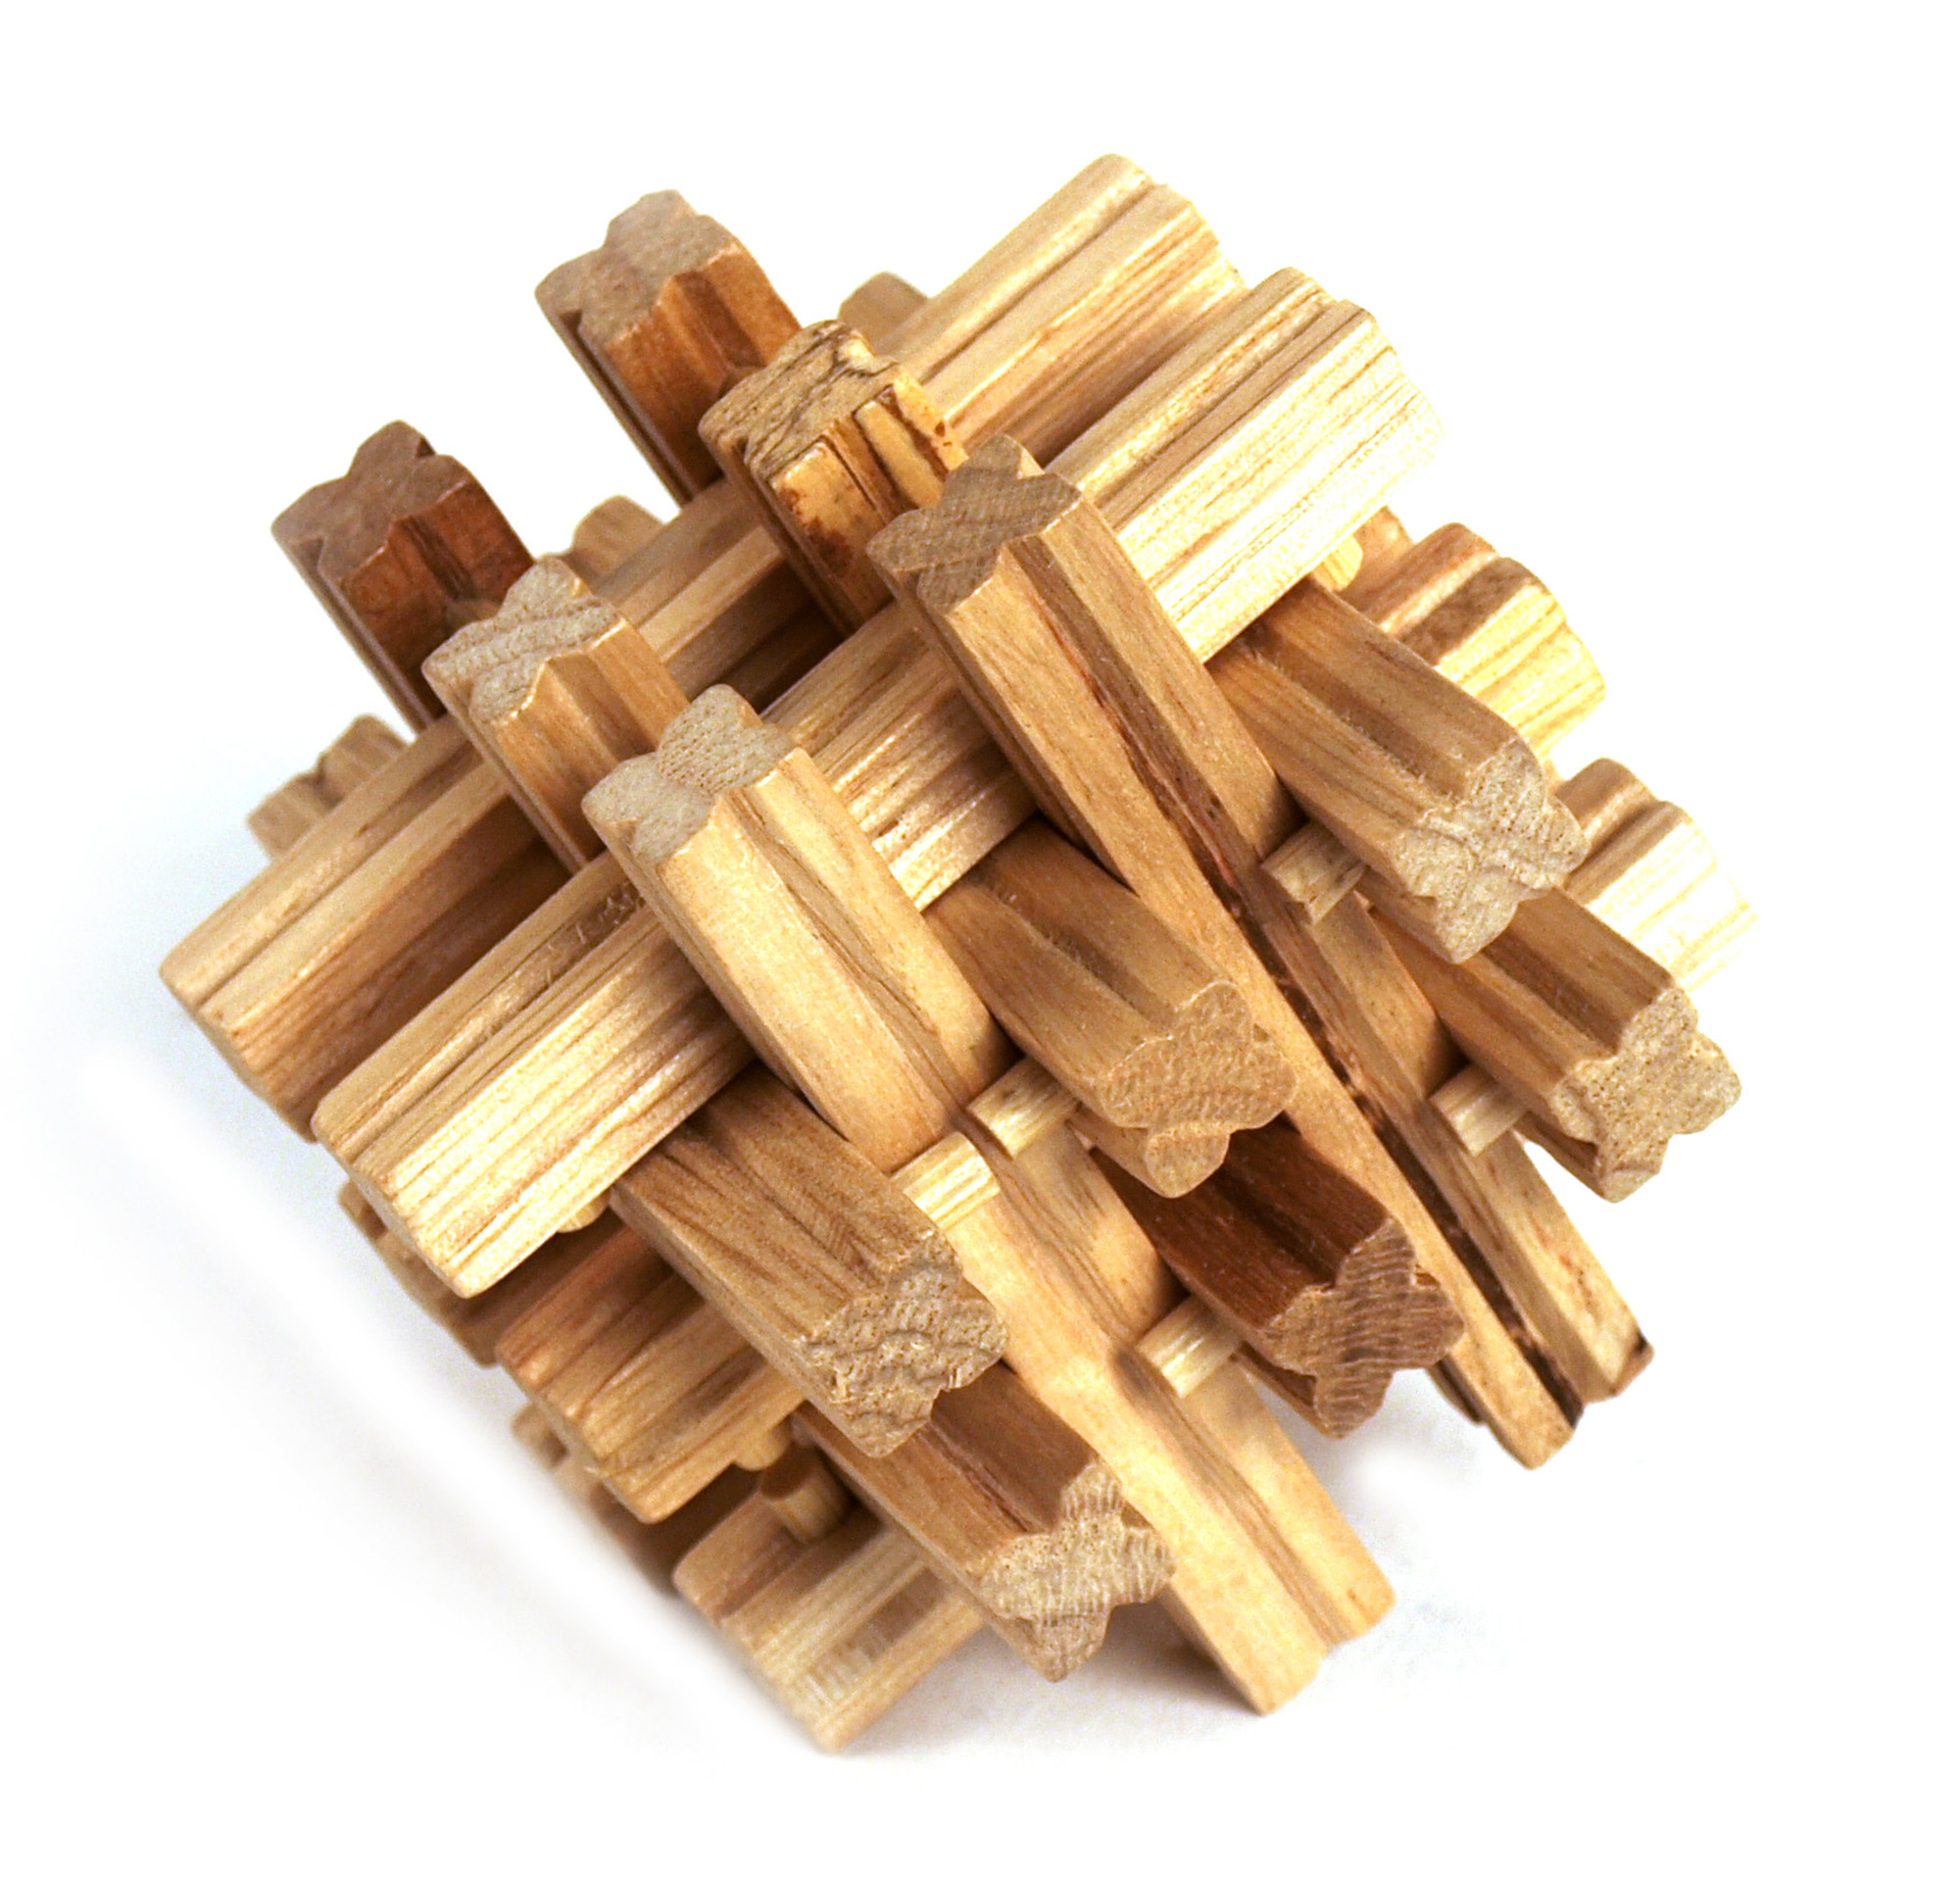 3D Wood Puzzle - Matrix Grid